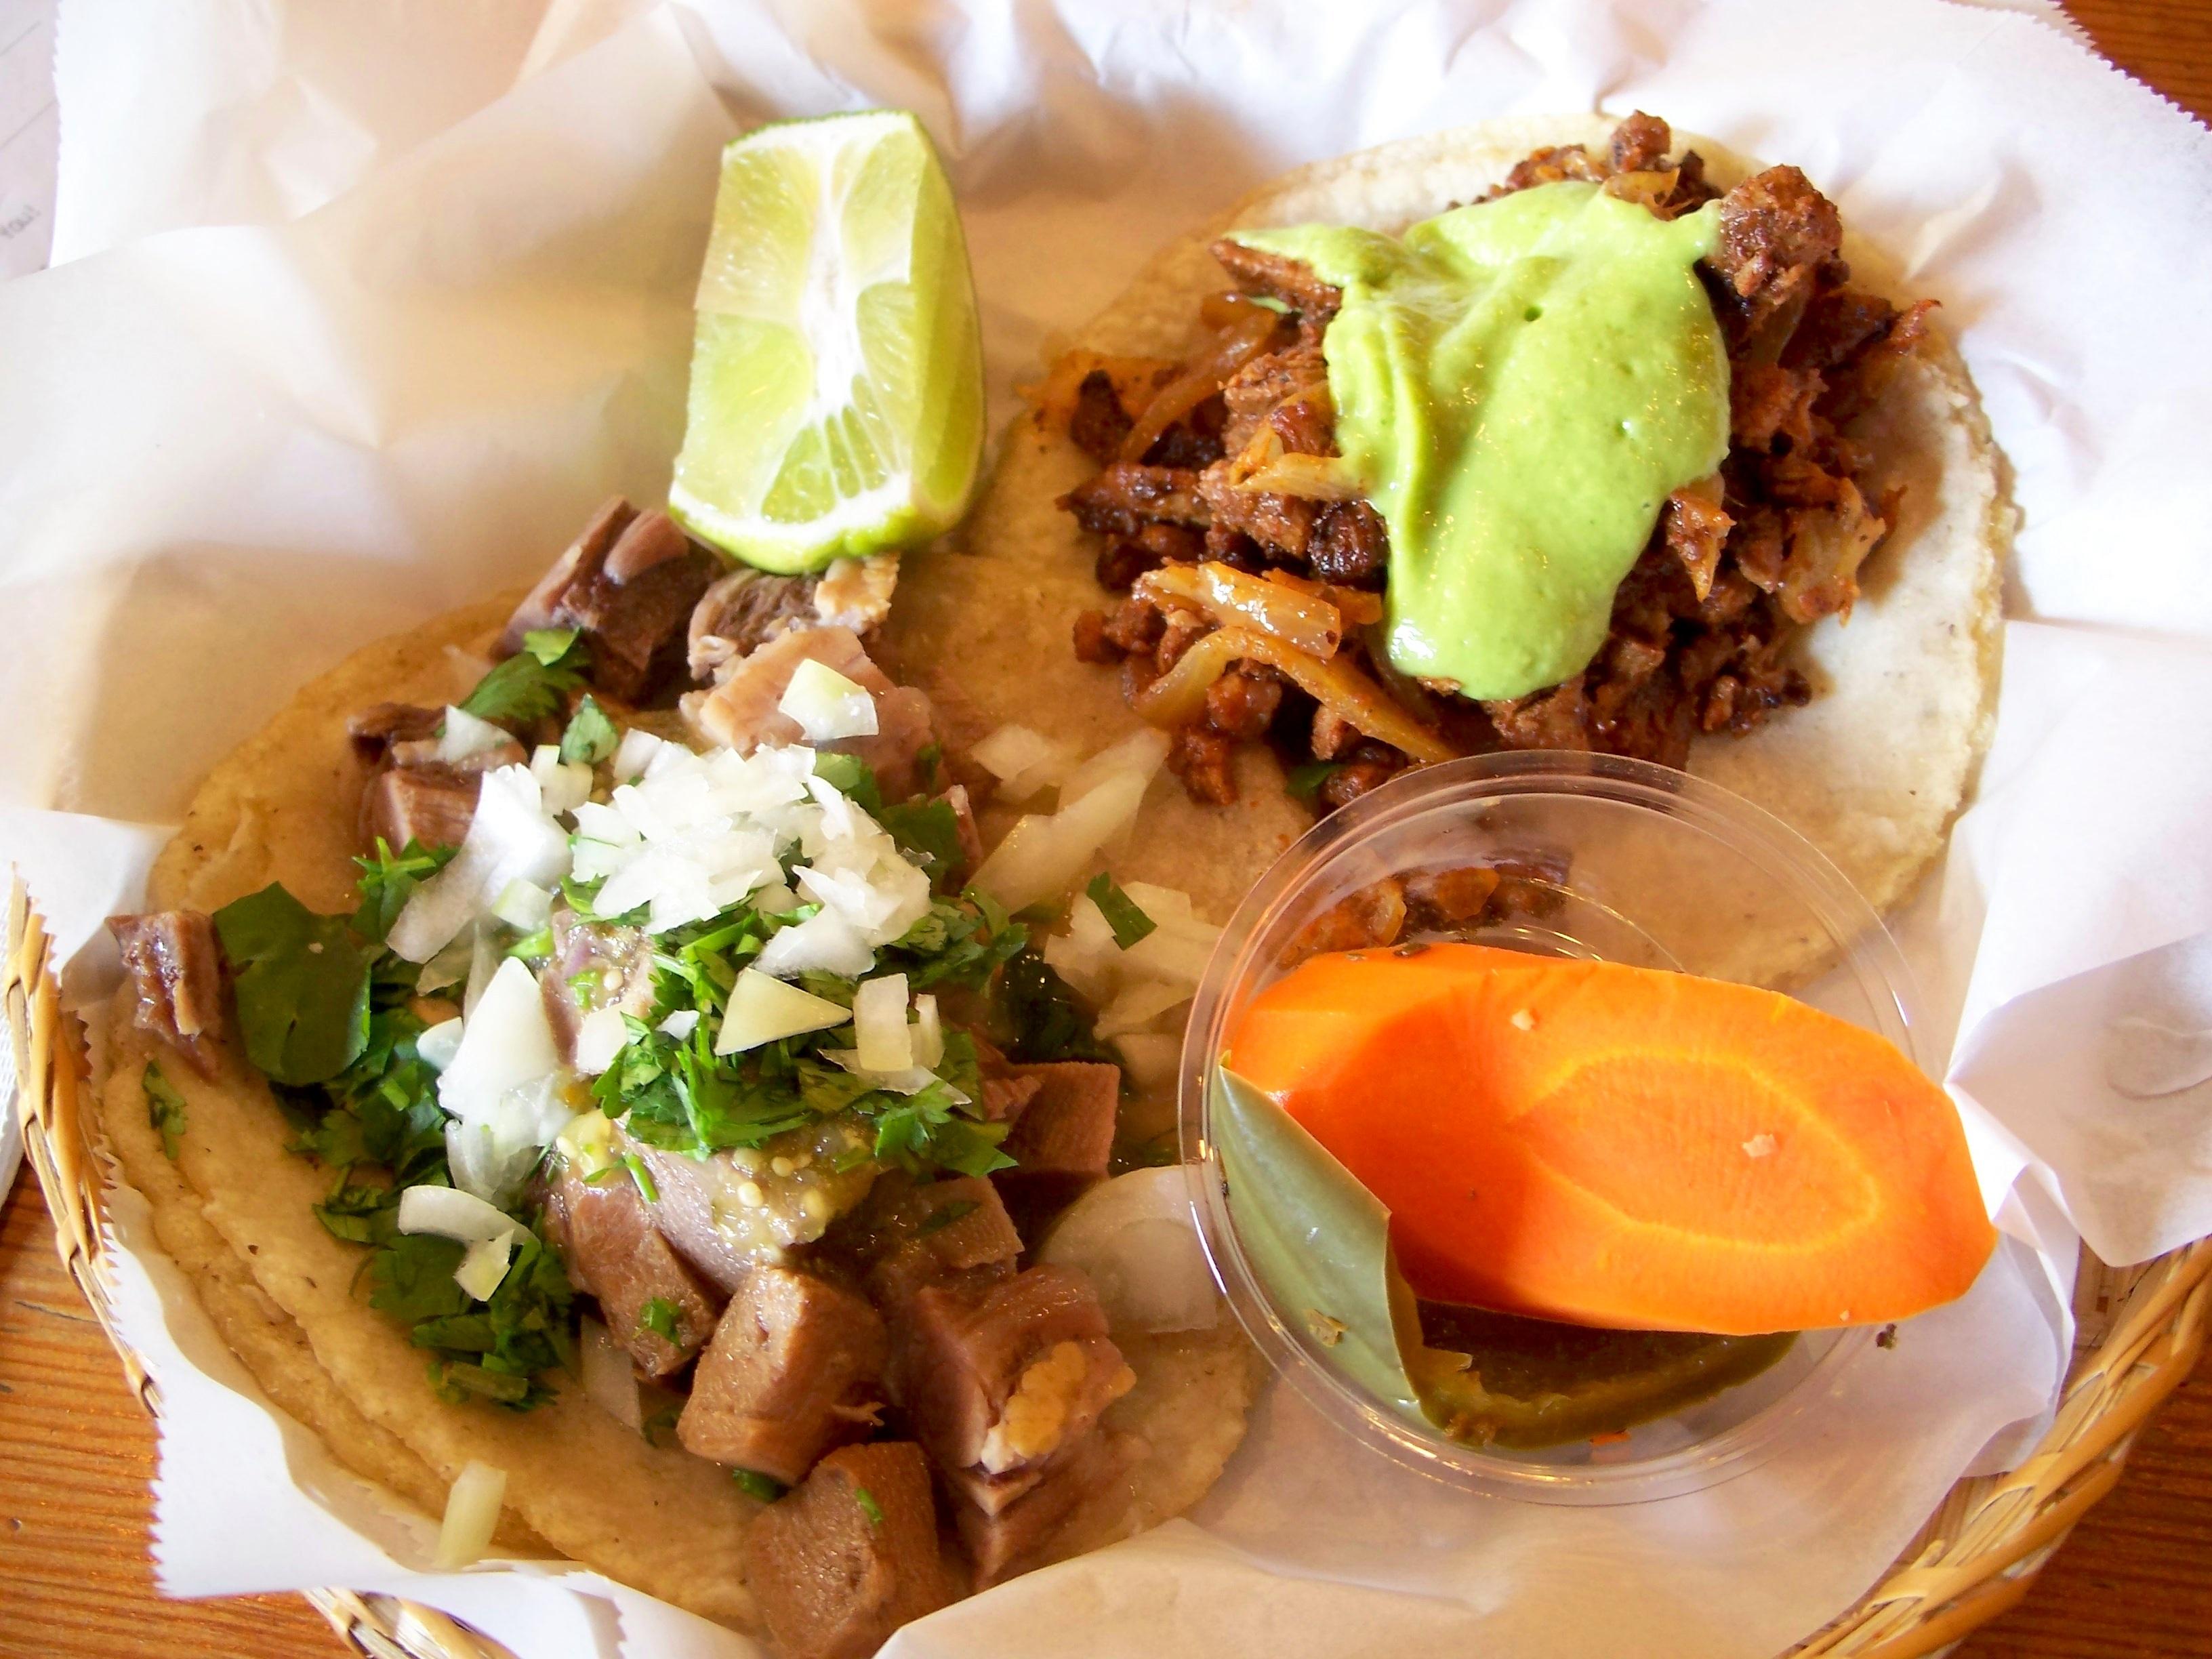 de lengua take on beef lengua tacos tacos de lengua al pastor as a ...